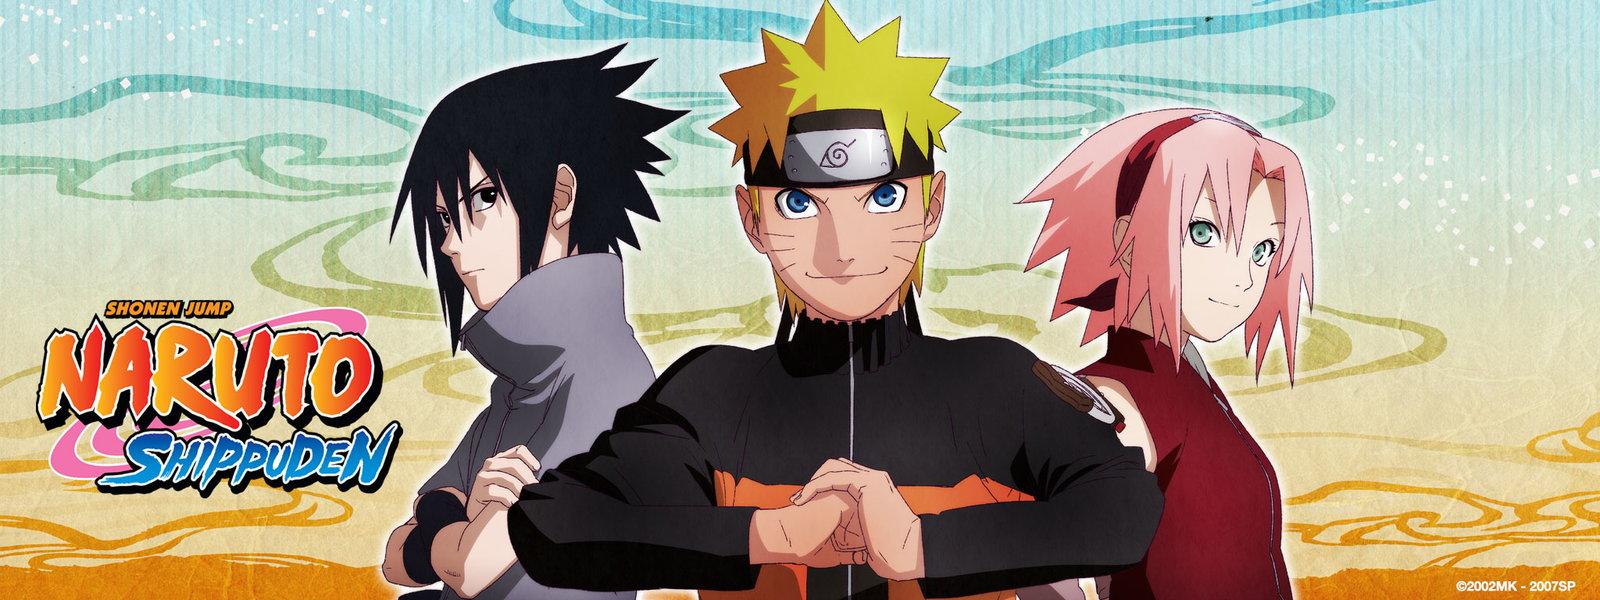 الحلقة 456 أنمي ناروتو شيبودن Naruto Shippuuden مترجمة عربي